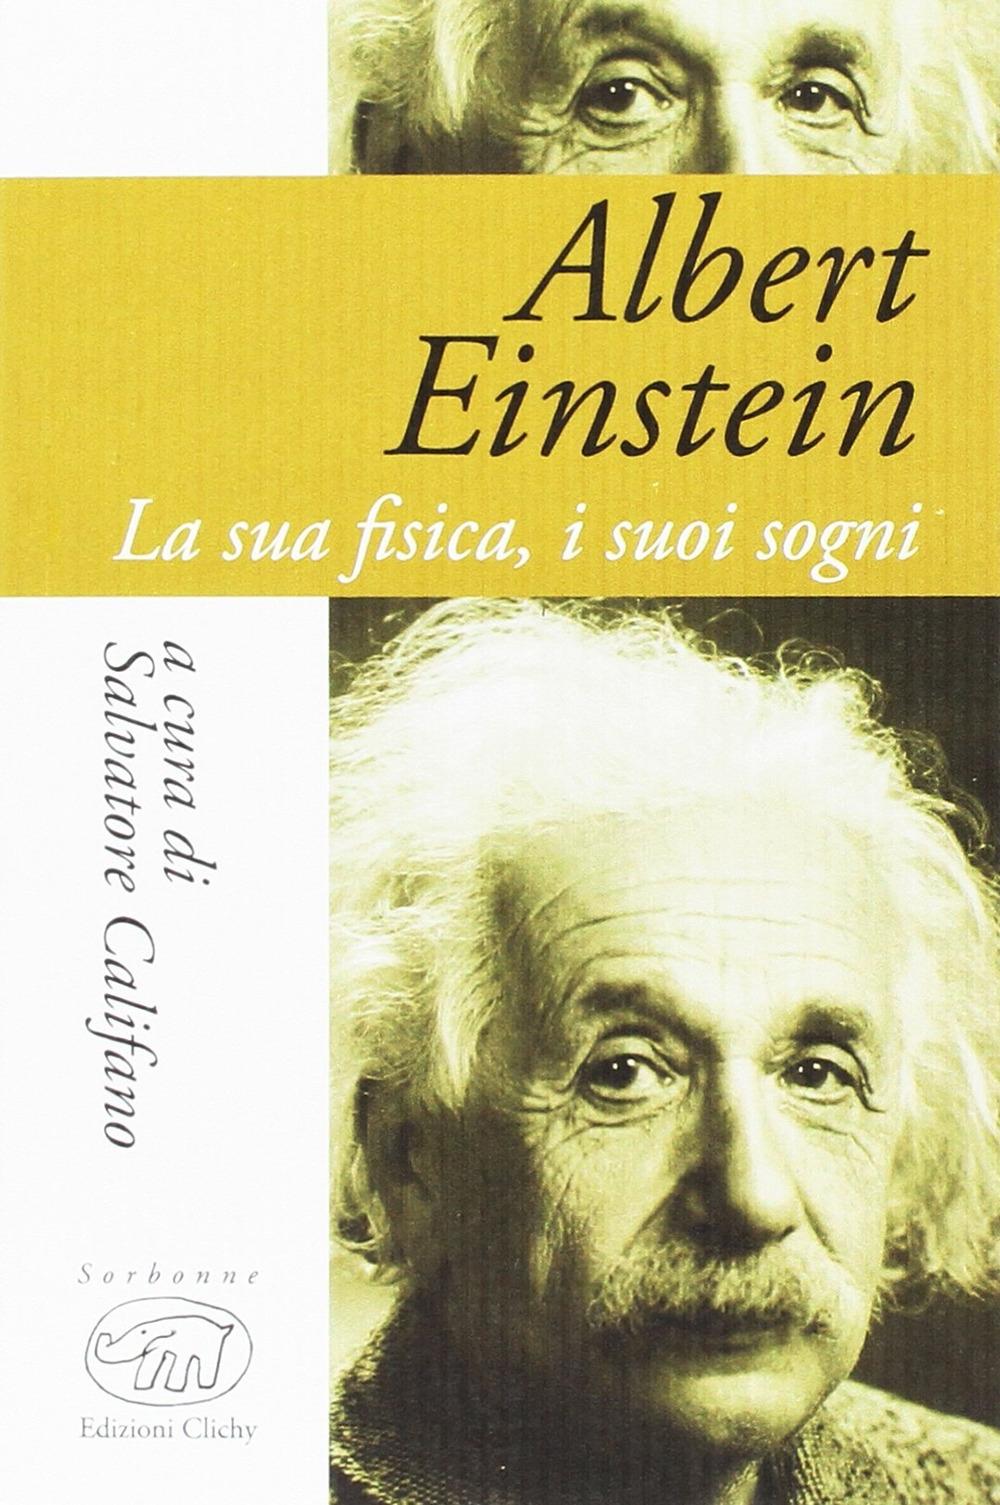 Albert Einstein. La sua fisica, i suoi sogni.